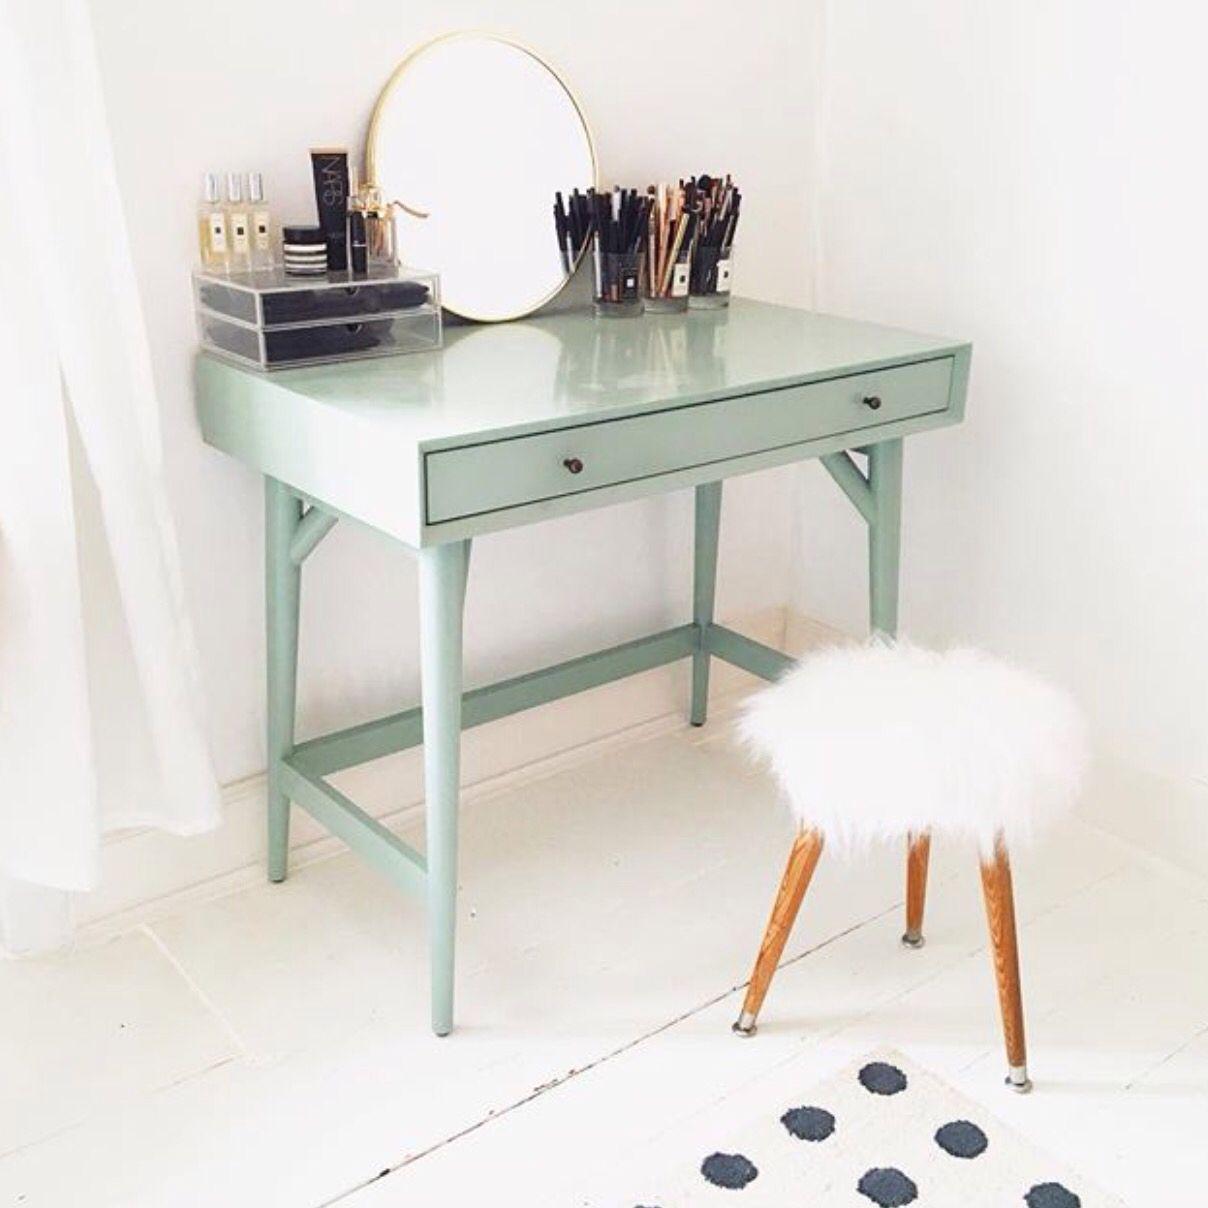 Katelavie patterson pinterest bedrooms vanities and room